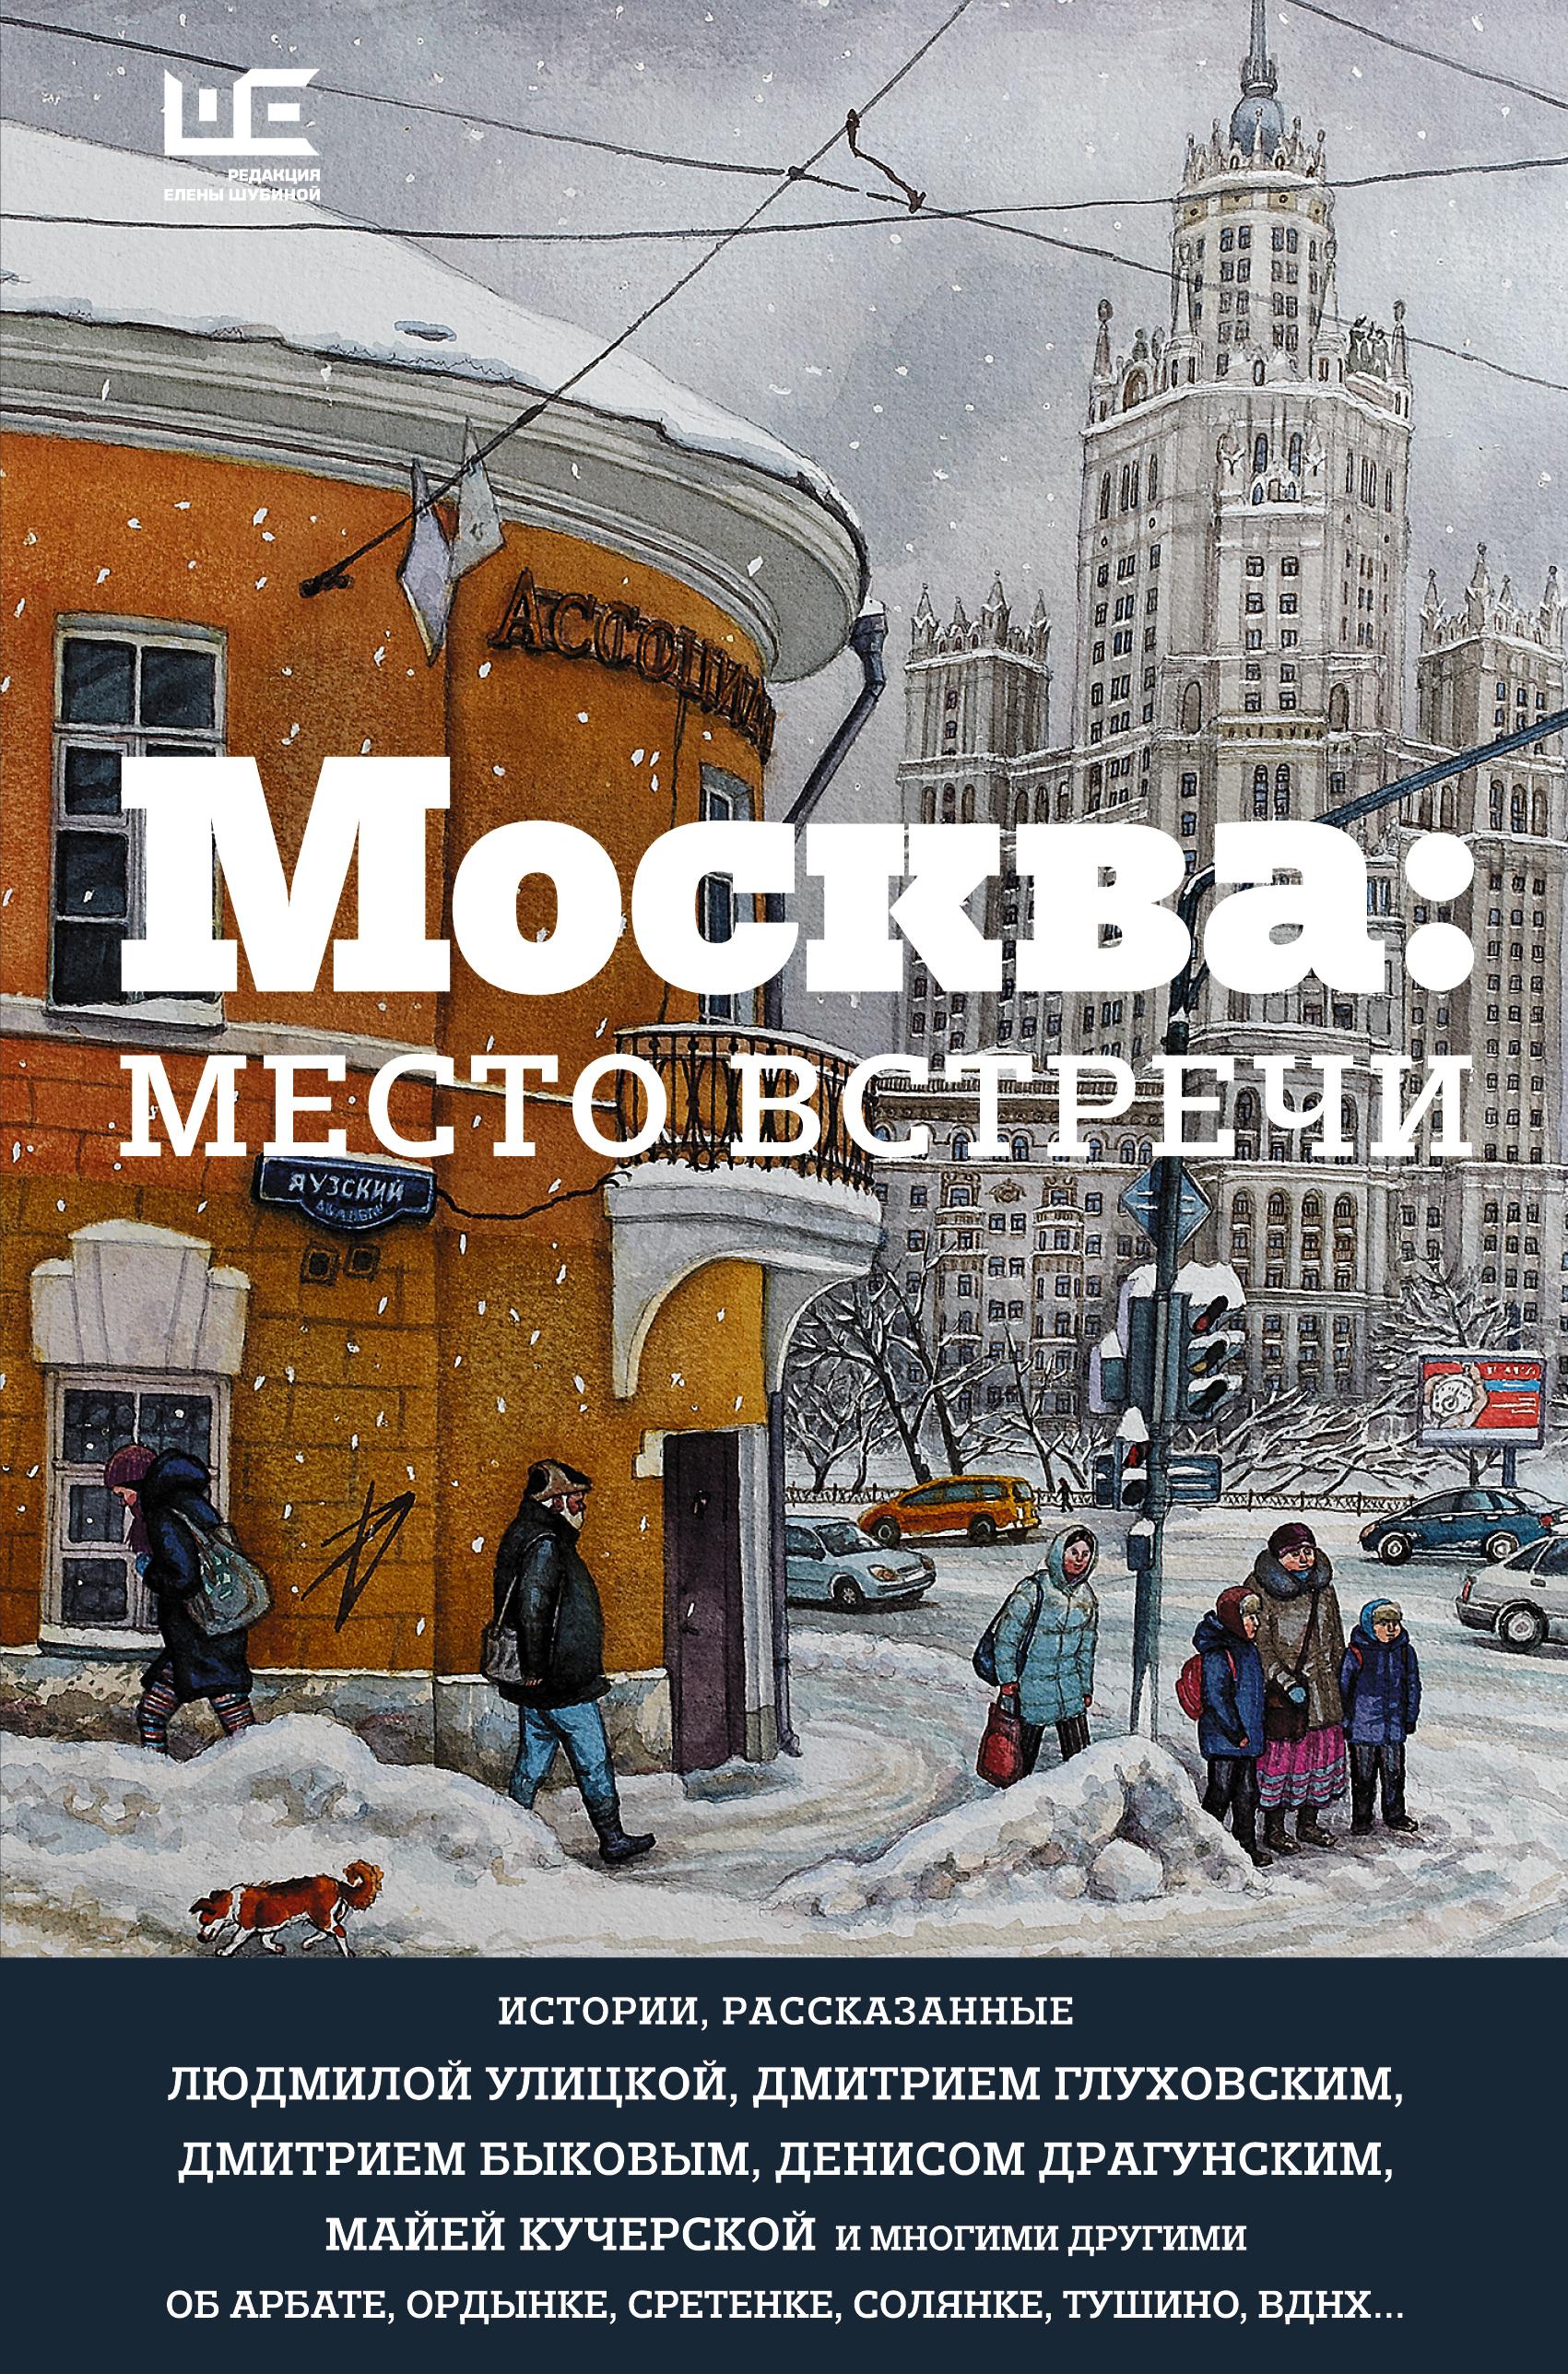 Андрей Макаревич рассказал о Москве своего детства d0c529109b1